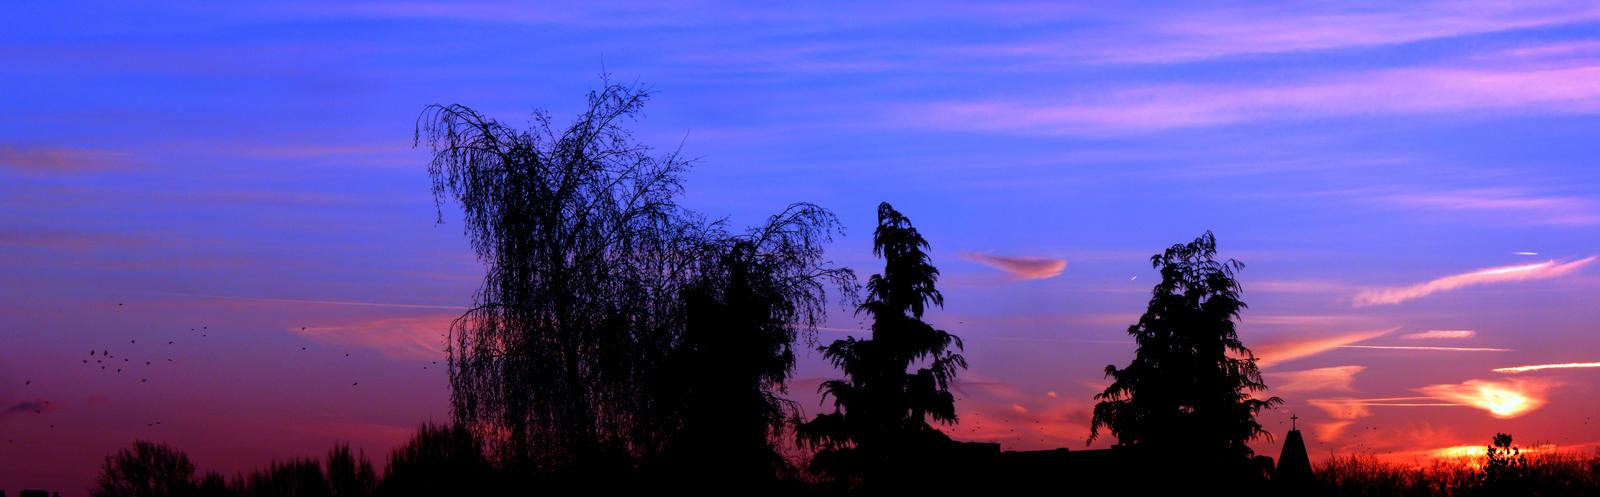 13th Jannuary sky 2013 by Xaeyu